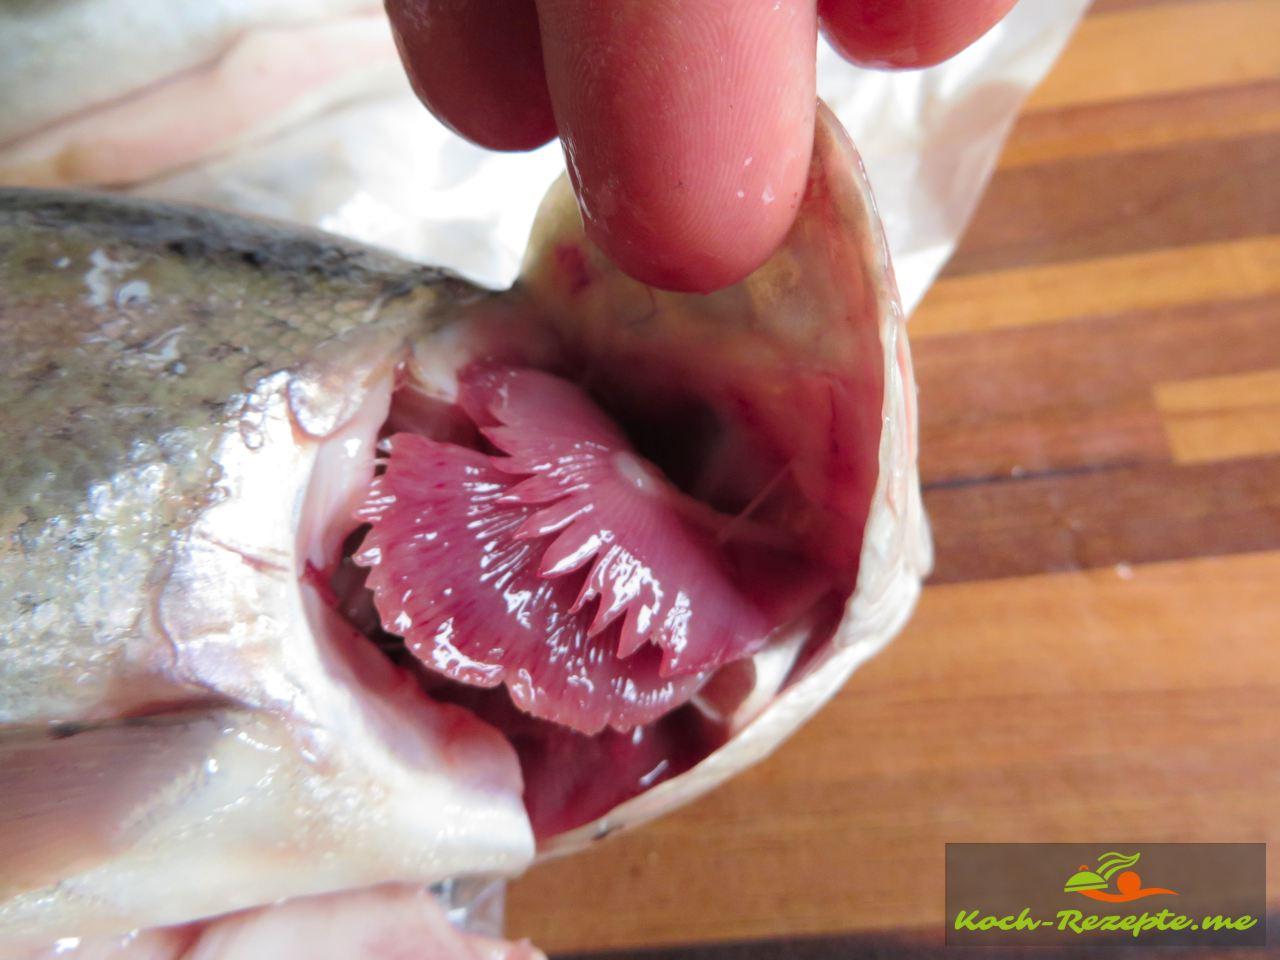 das die Forellen frisch sind sieht man, wenn man den Kiemendeckel öffnet und dann sehr rote Kiemen sehen kann